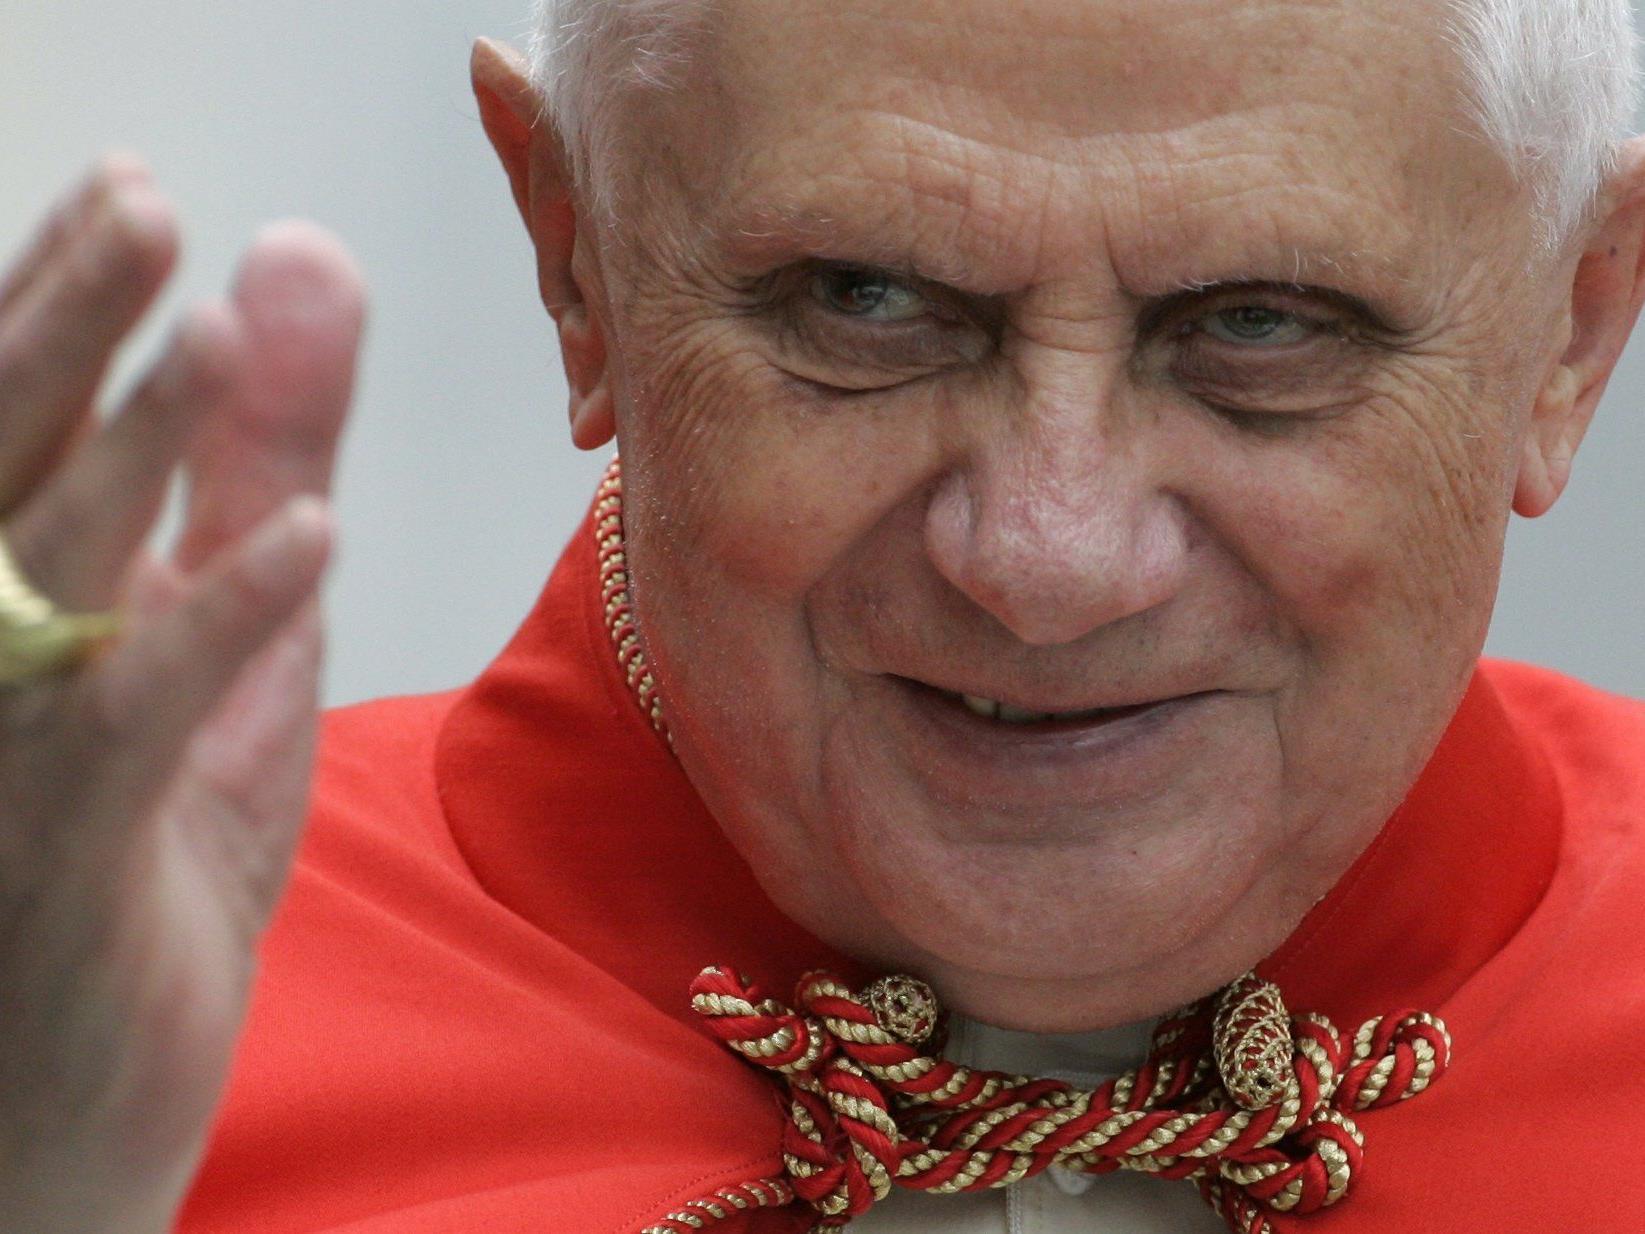 Den ehemaligen Papst Benedikt XVI. gibt es jetzt auch als Kondom-Bild.